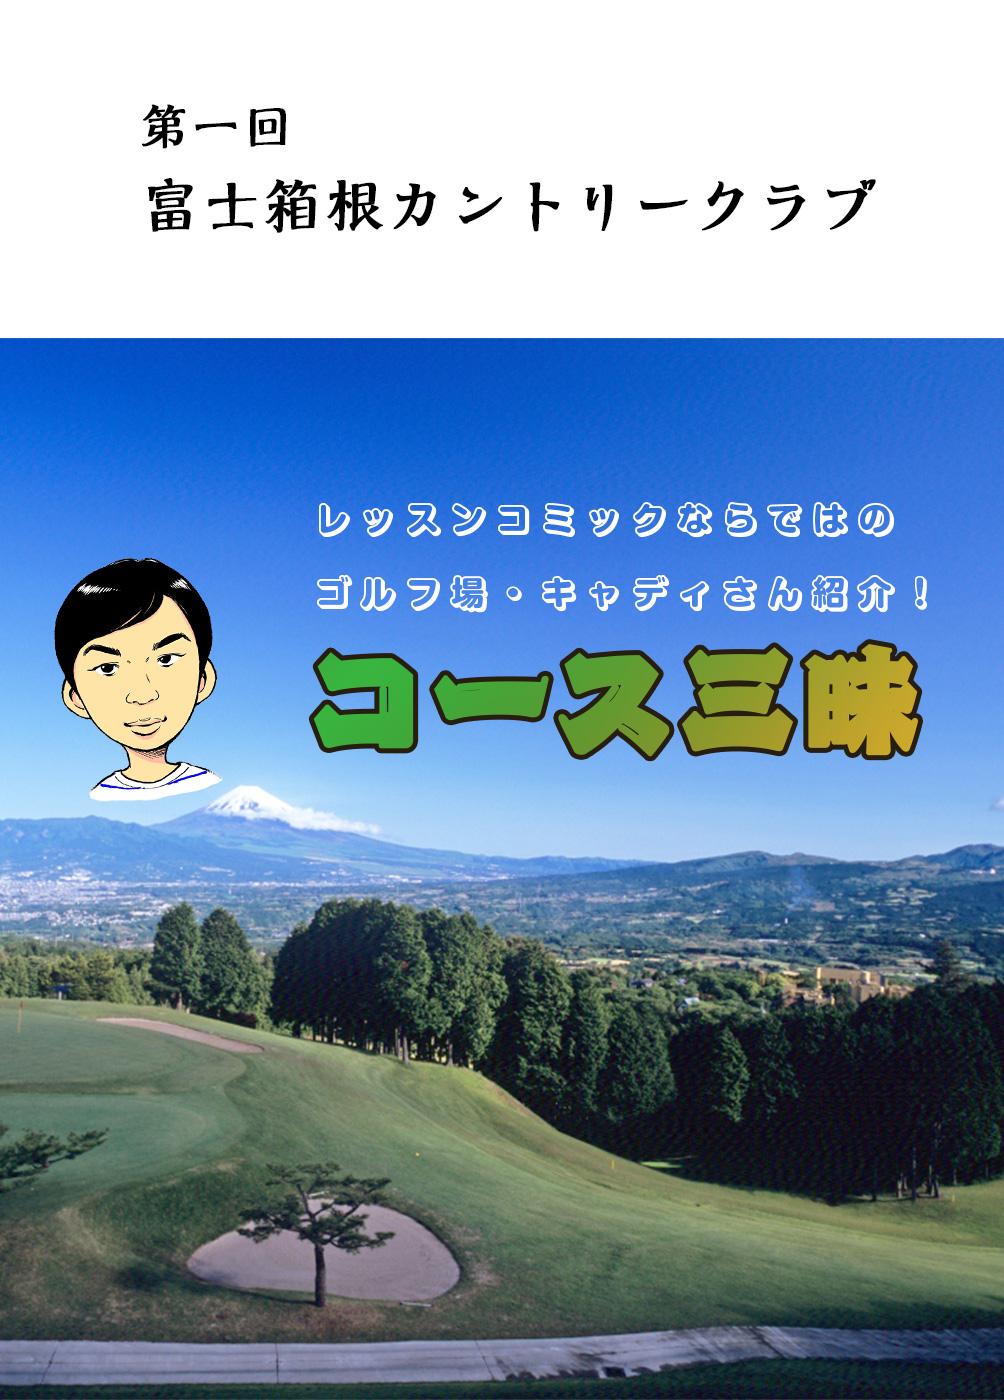 箱根 クラブ 富士 カントリー